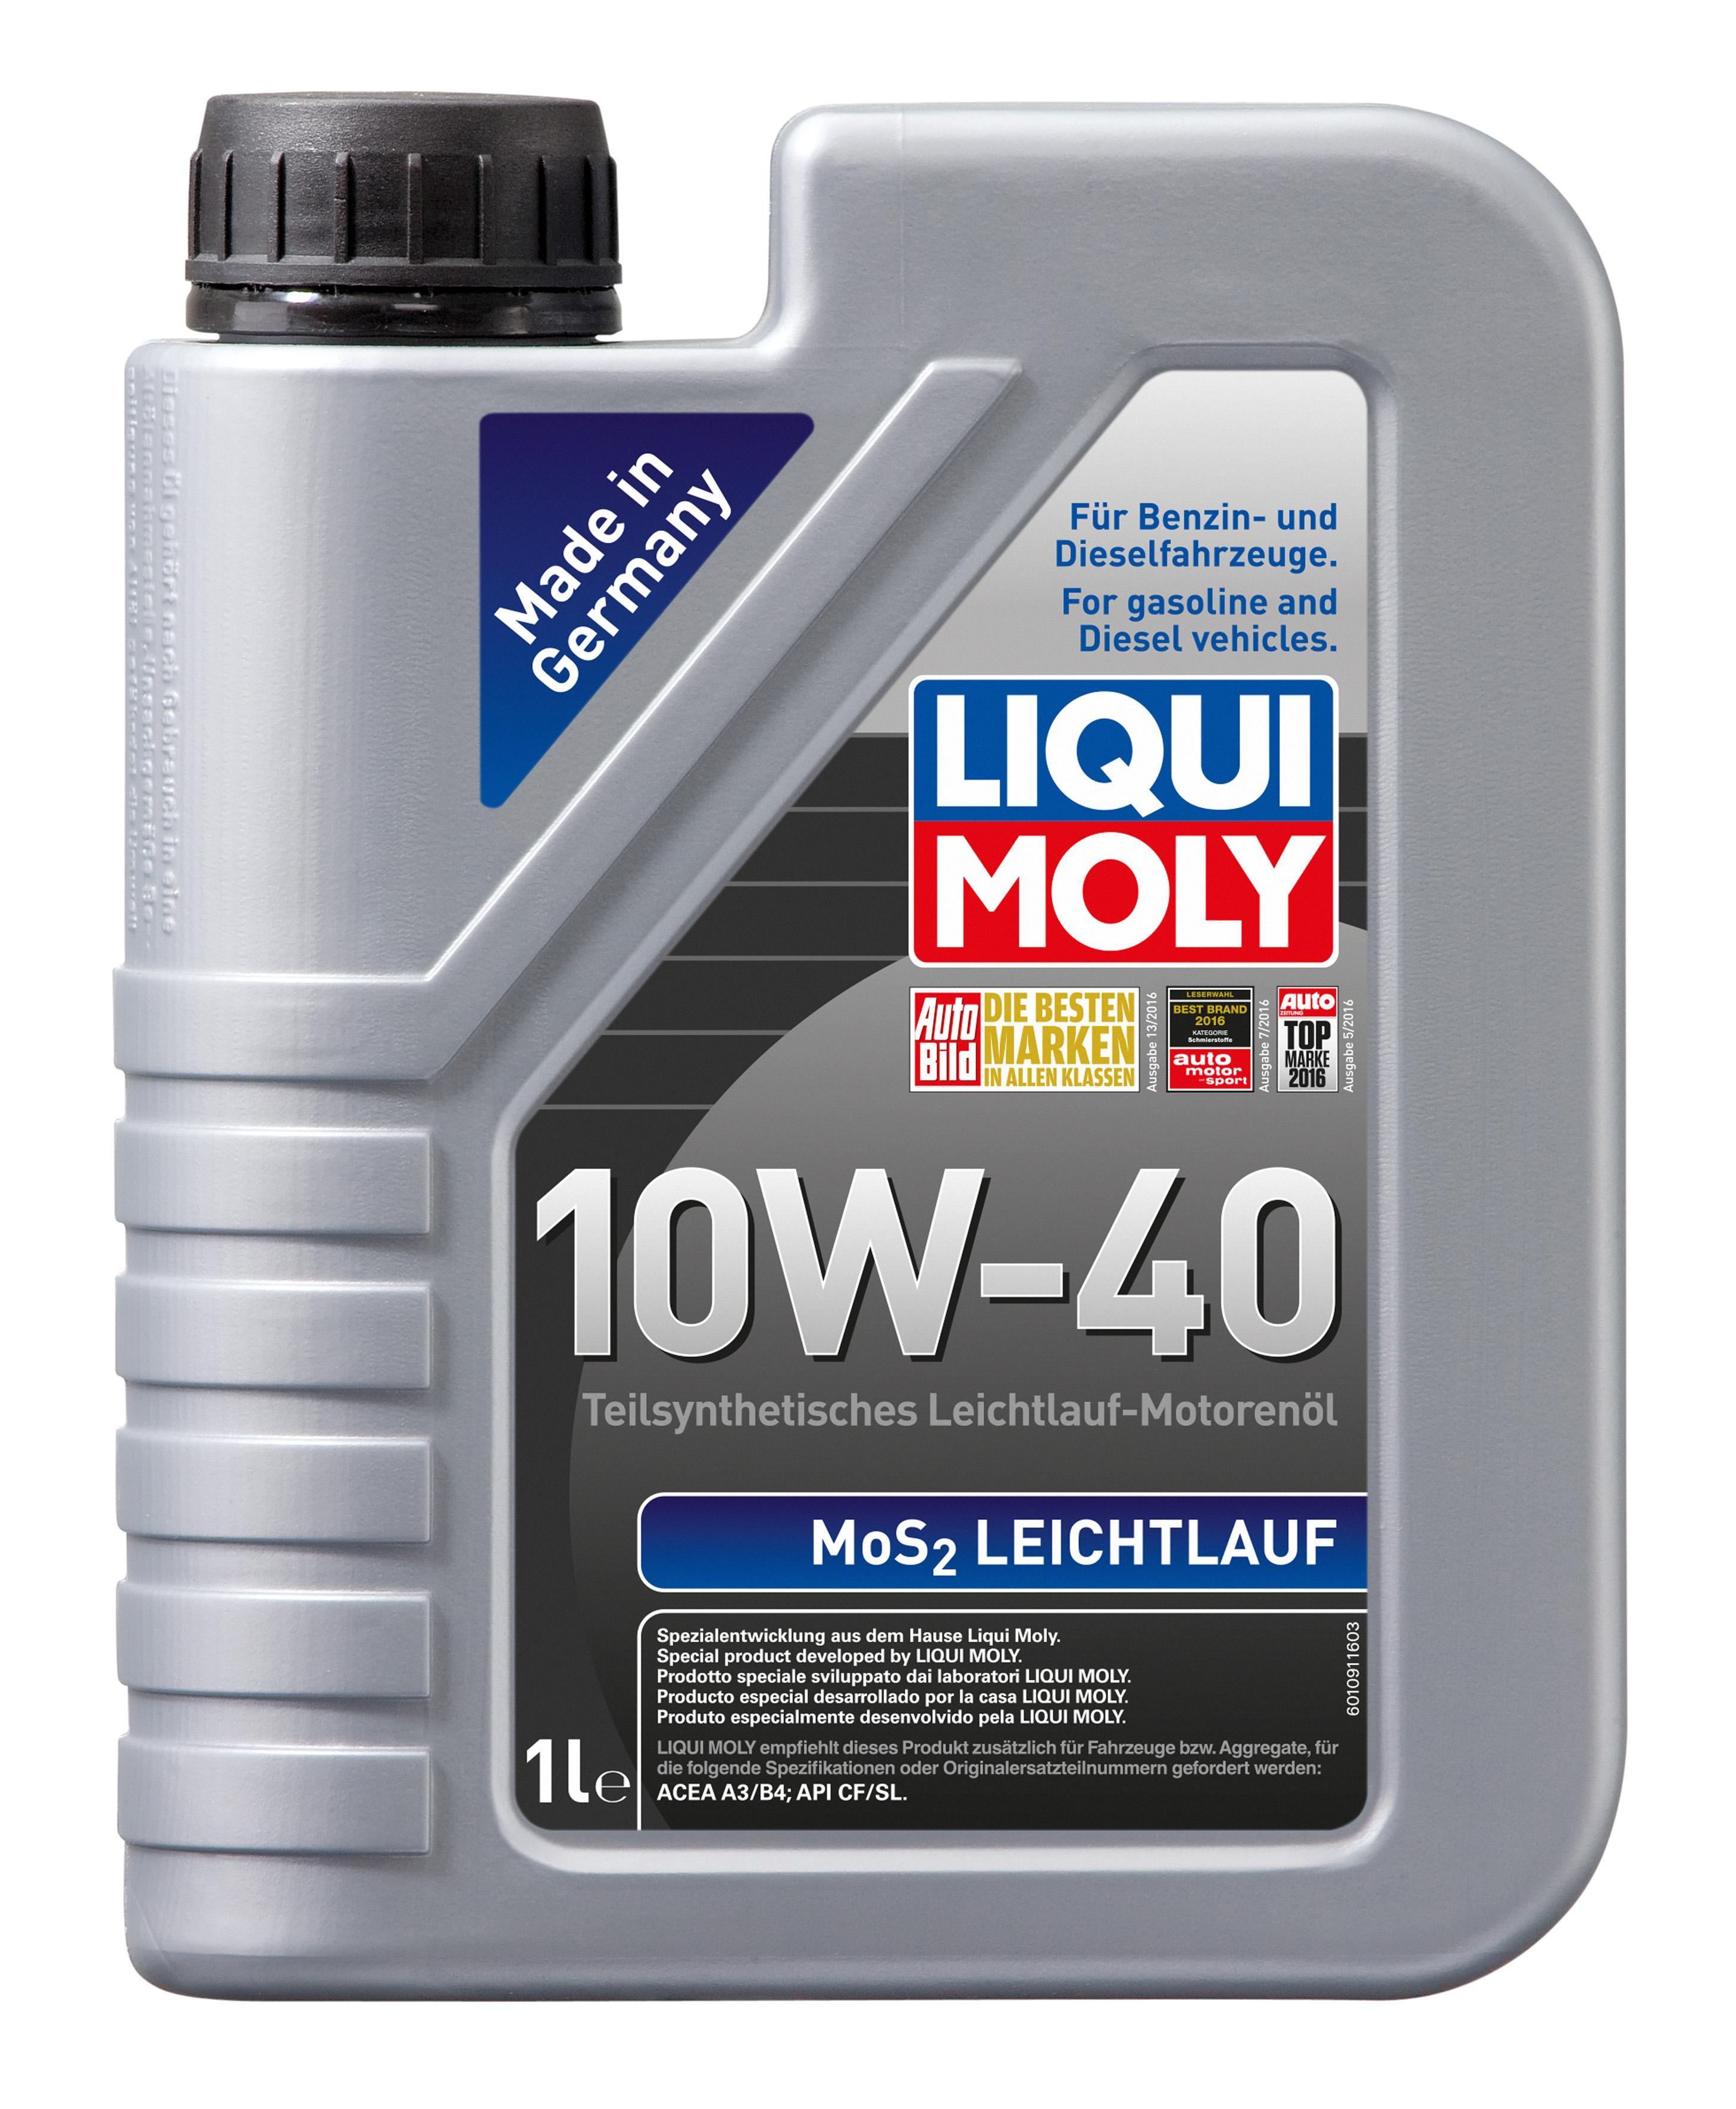 Aceite de motor LIQUI MOLY APISL 4100420026263